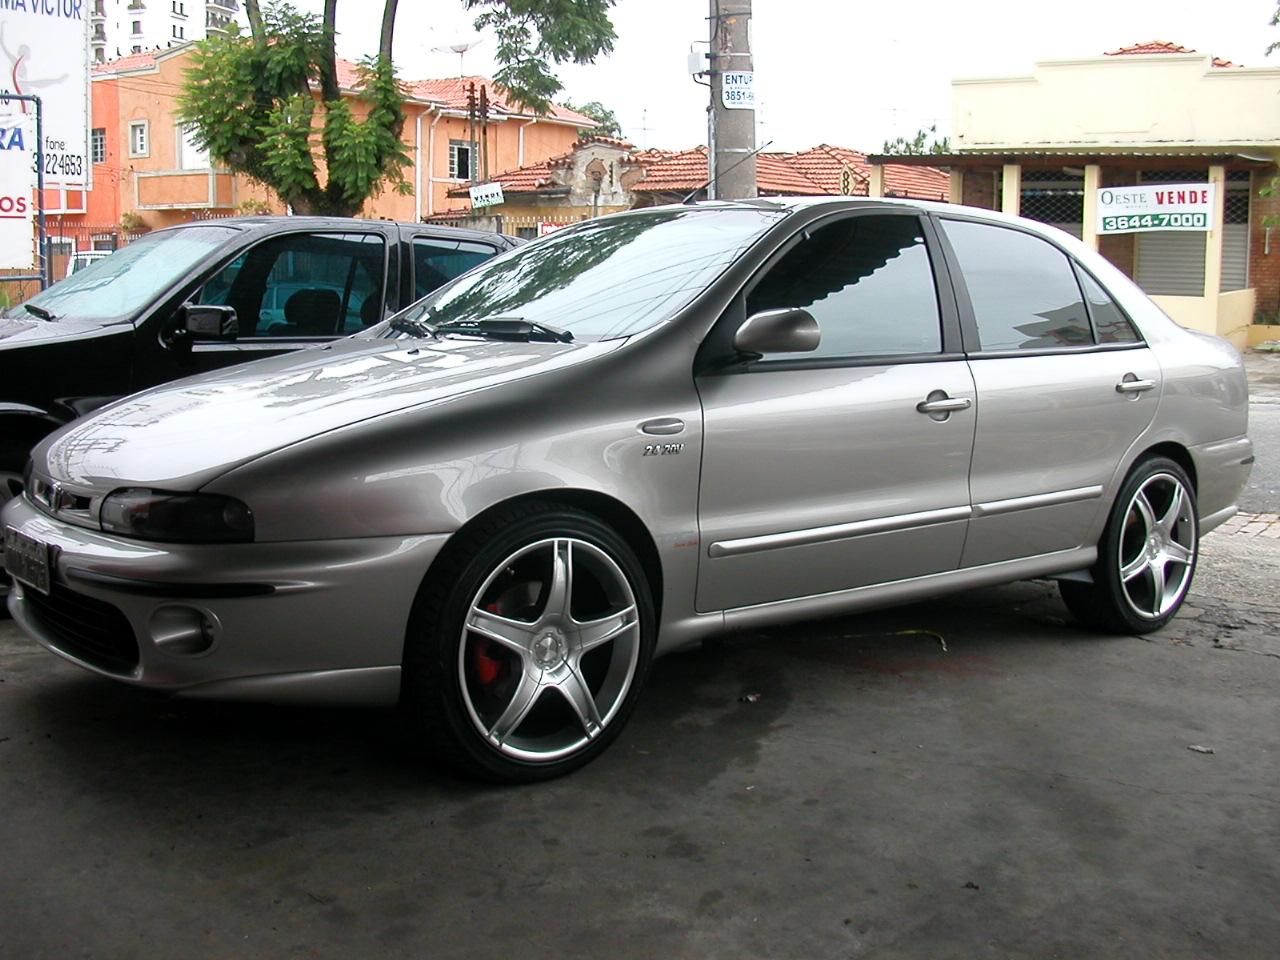 2002 FIAT Marea, 2002 Fiat Marea picture, exterior